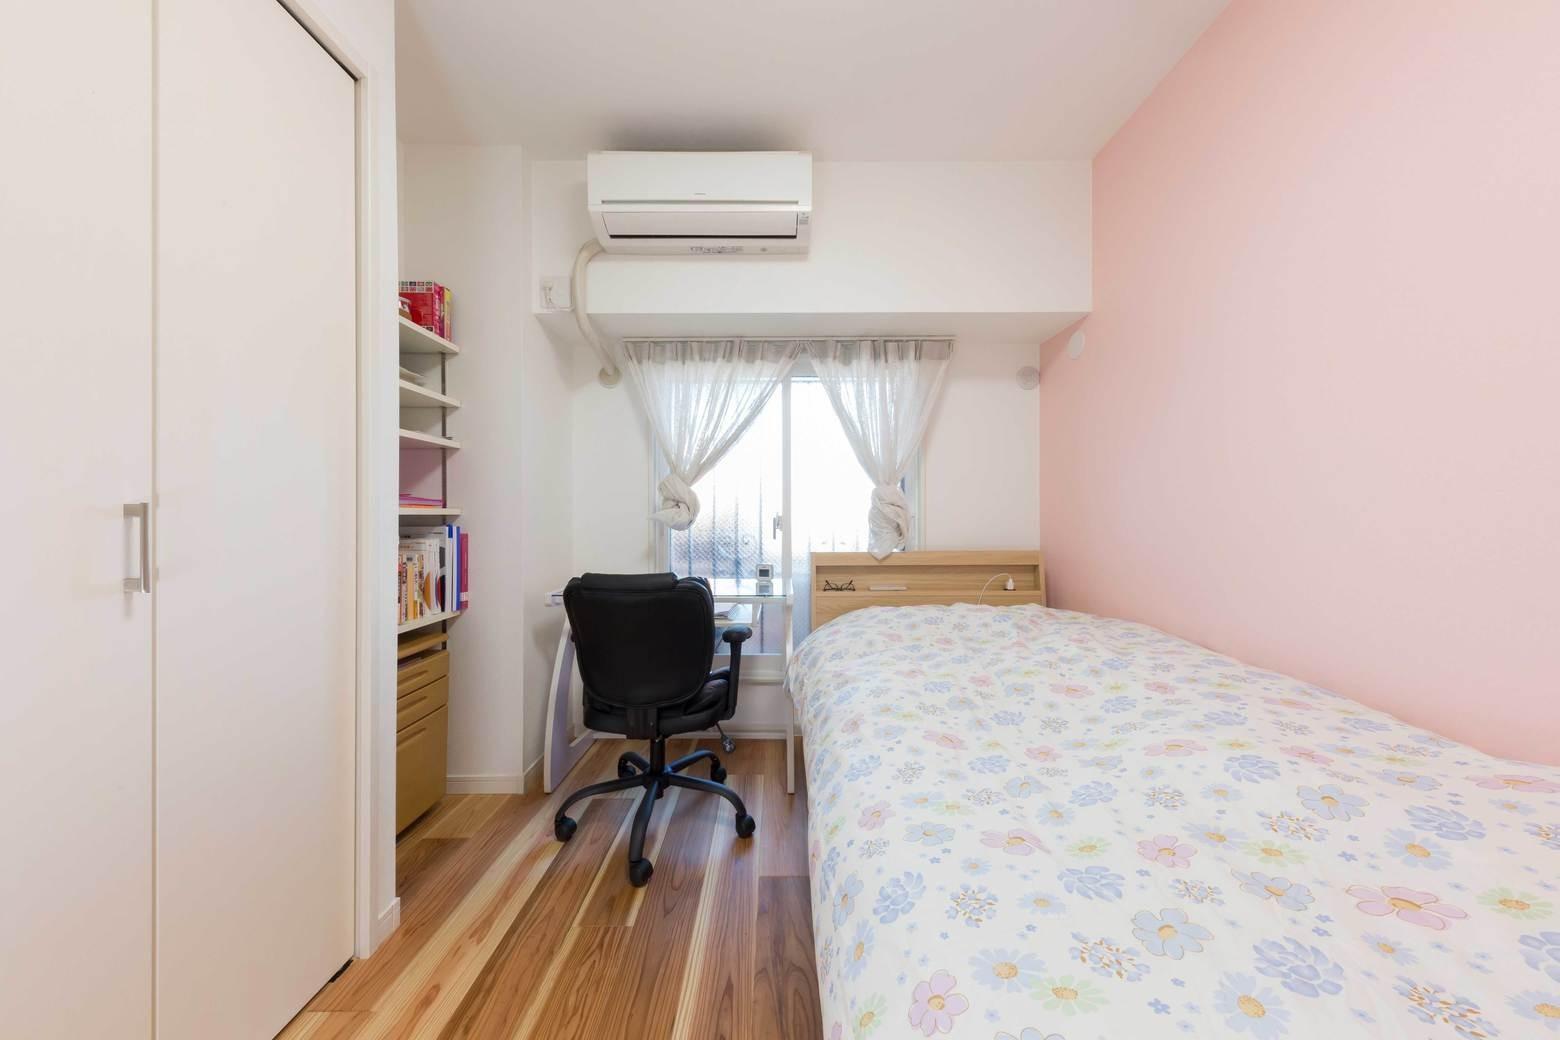 ベッドルーム事例:洋室2(すっきりした暮らしを実現。たっぷり収納リノベーション)